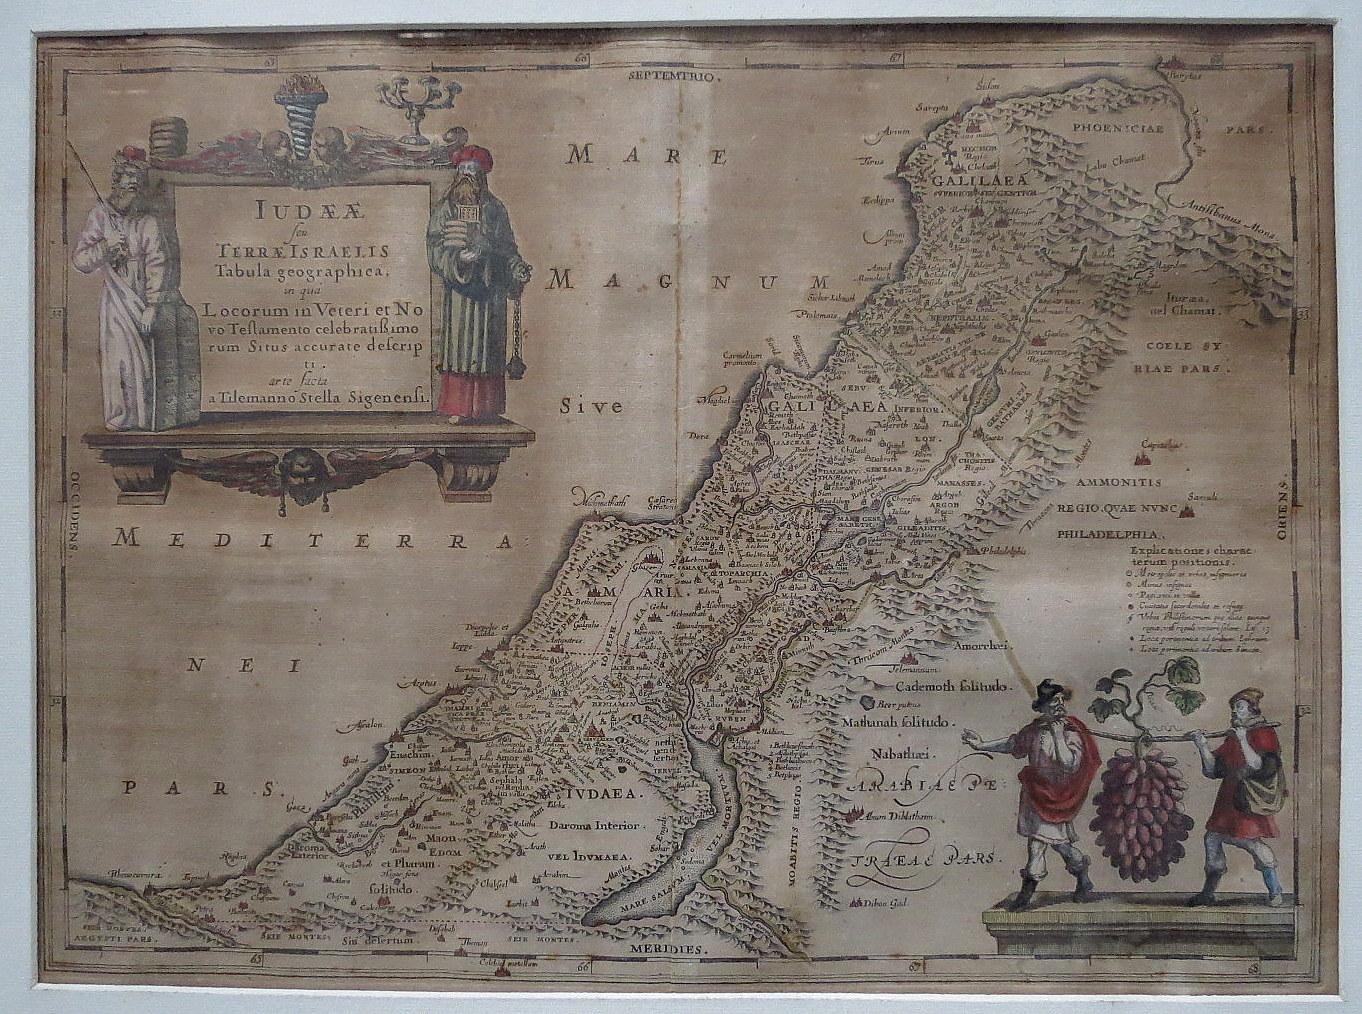 תחריט נחושת צבוע ביד, מפת ארץ ישראל Judaea seu Terrae Israelis Tabula Geographica, Amsterdam 1658, 357X483 Laor 373